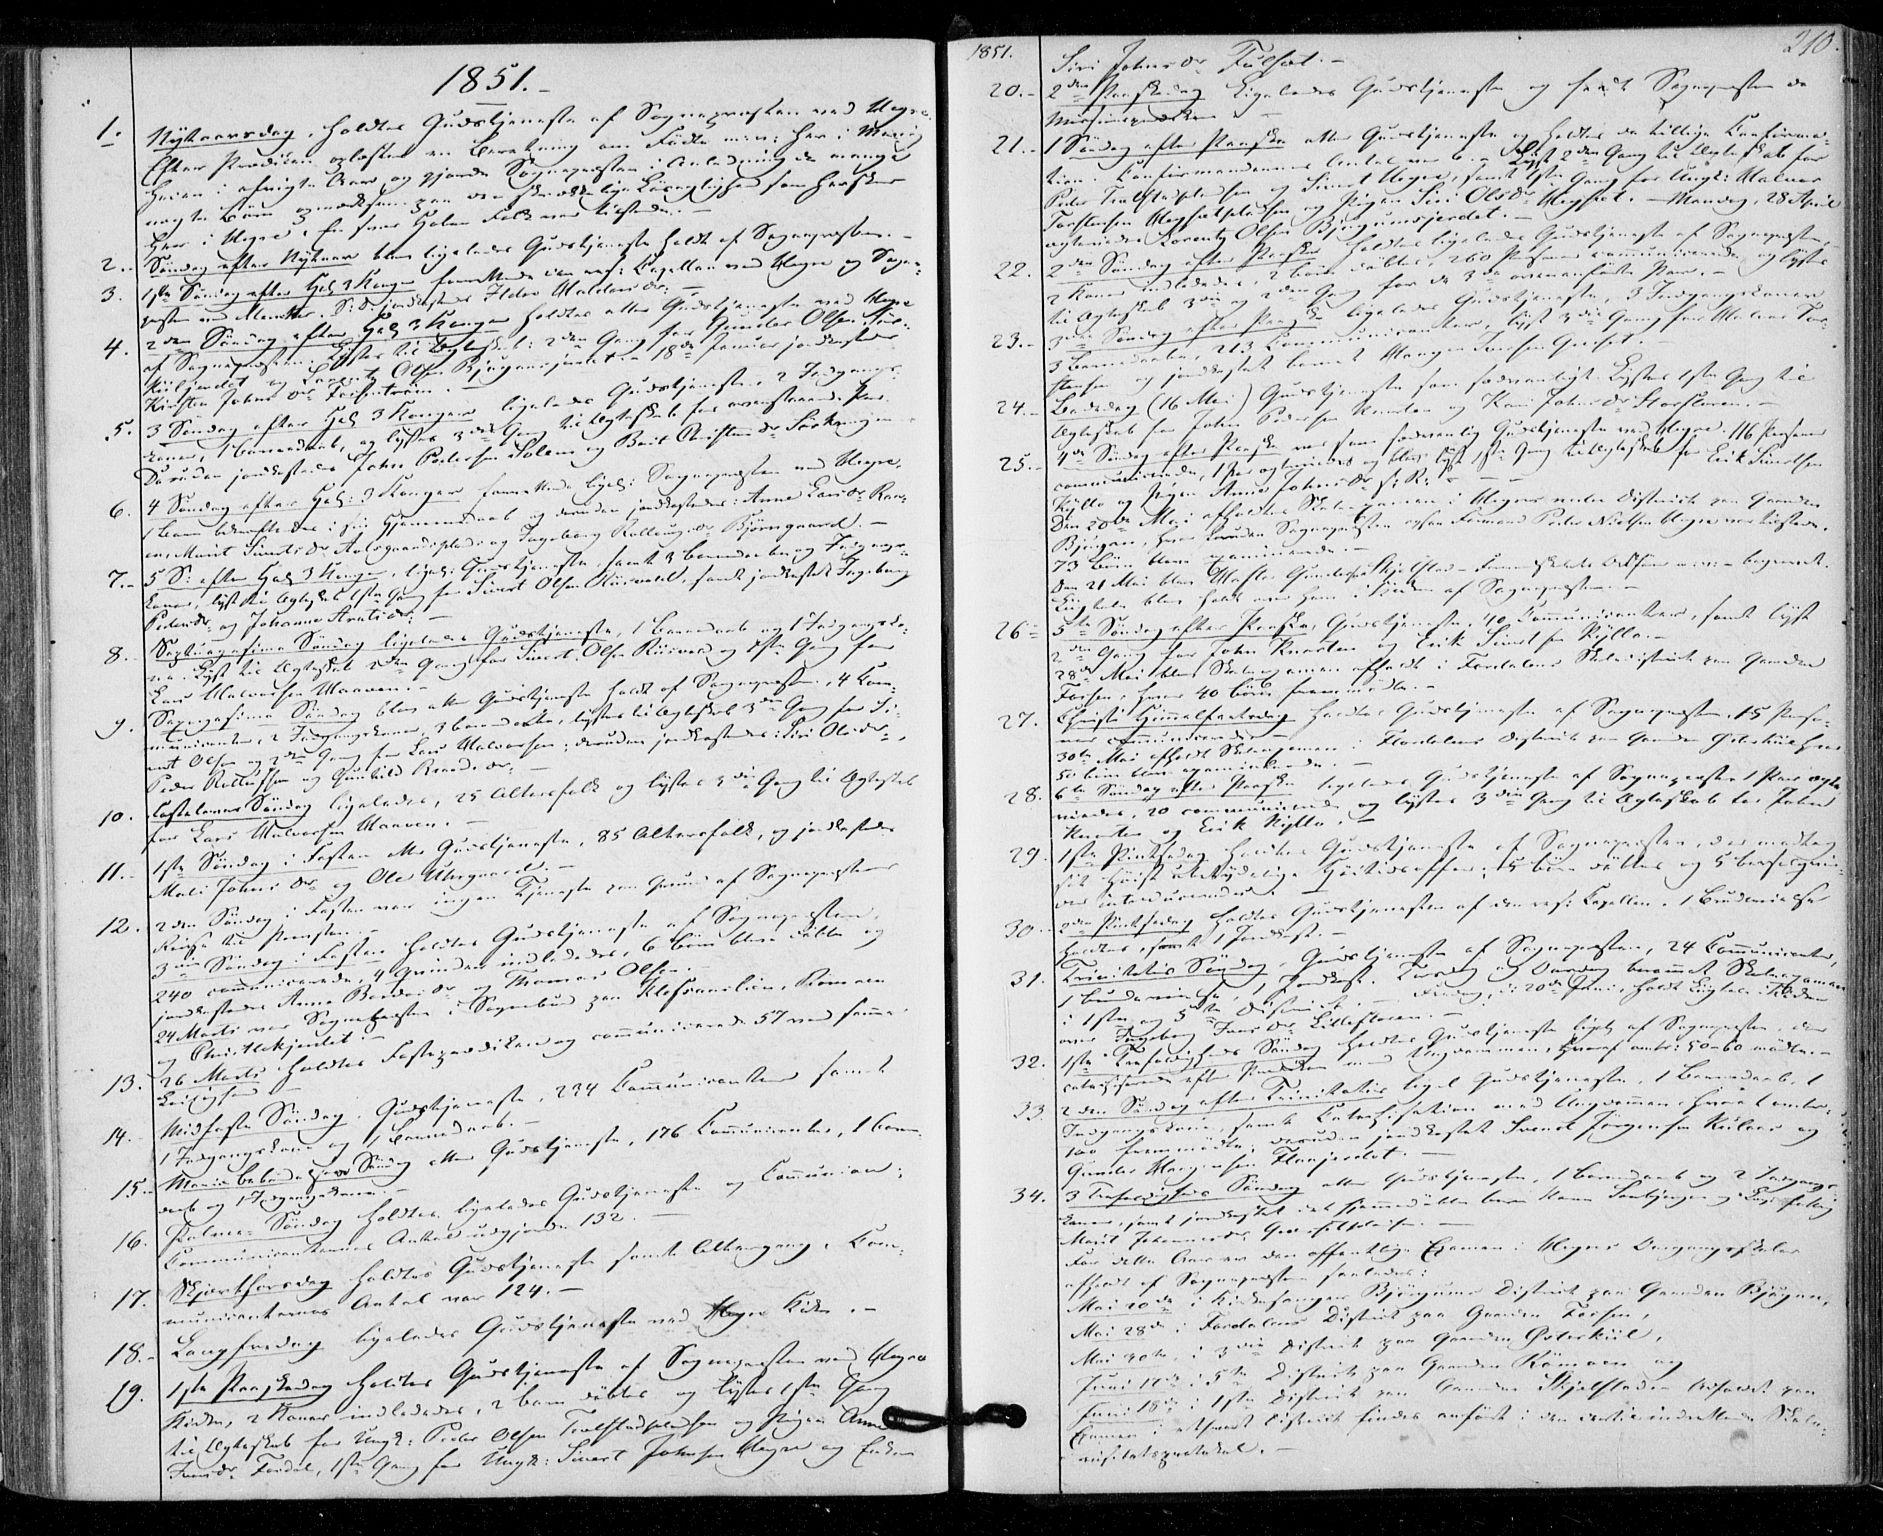 SAT, Ministerialprotokoller, klokkerbøker og fødselsregistre - Nord-Trøndelag, 703/L0028: Parish register (official) no. 703A01, 1850-1862, p. 210